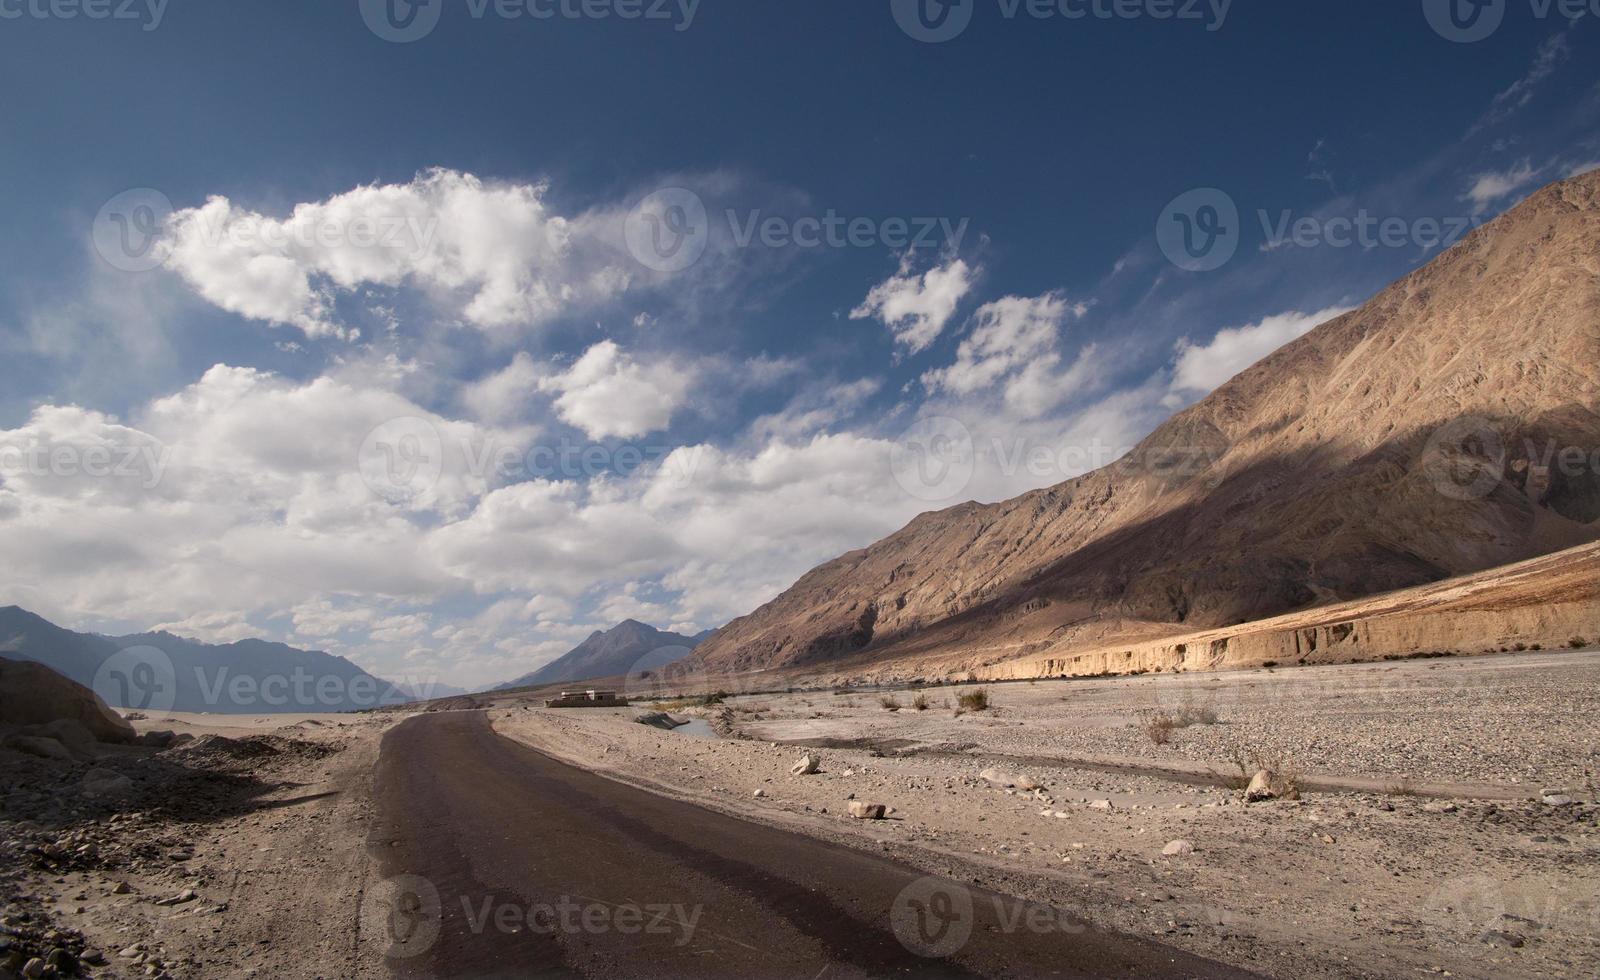 estrada deserta com horizonte céu azul e nuvens brancas foto